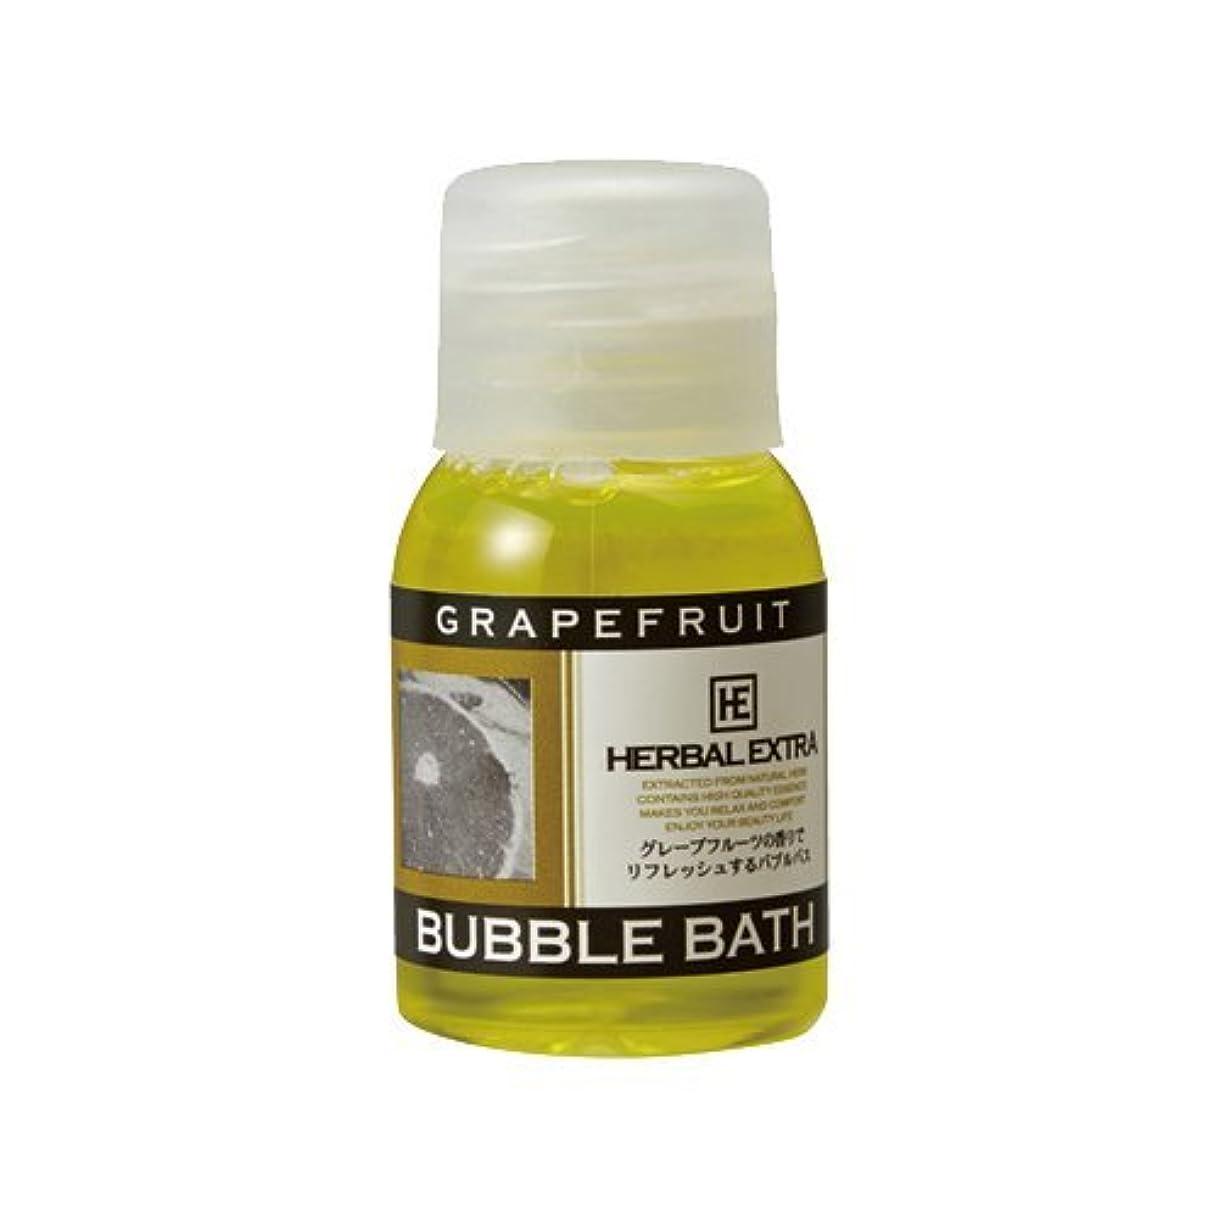 低下大腿グループハーバルエクストラ バブルバス ミニボトル グレープフルーツの香り × 80個セット - ホテルアメニティ 業務用 発泡入浴剤 (BUBBLE BATH)